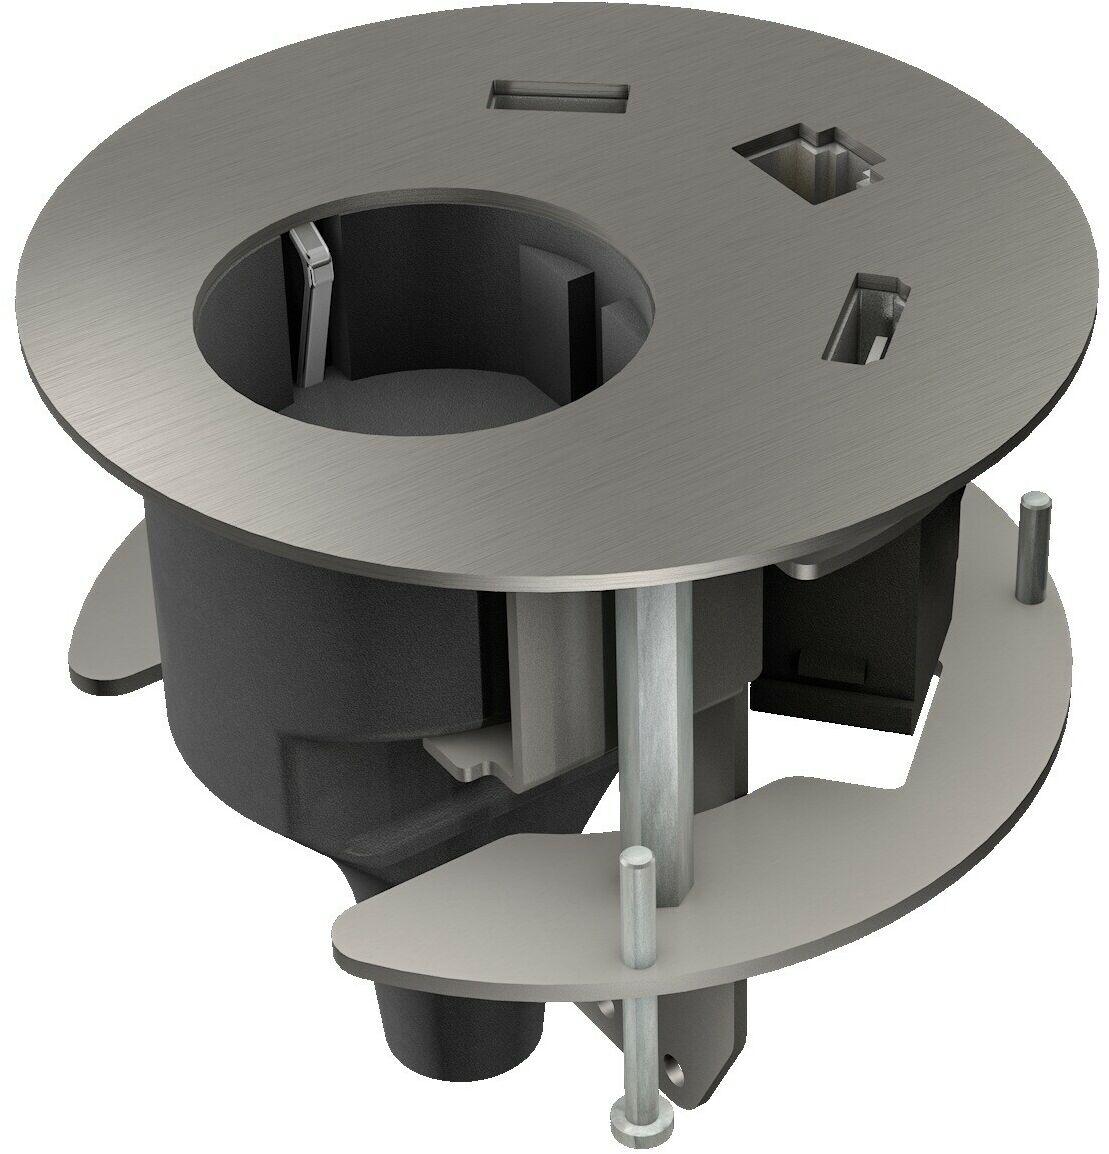 Kindermann CablePort stołowy panel złącz table2